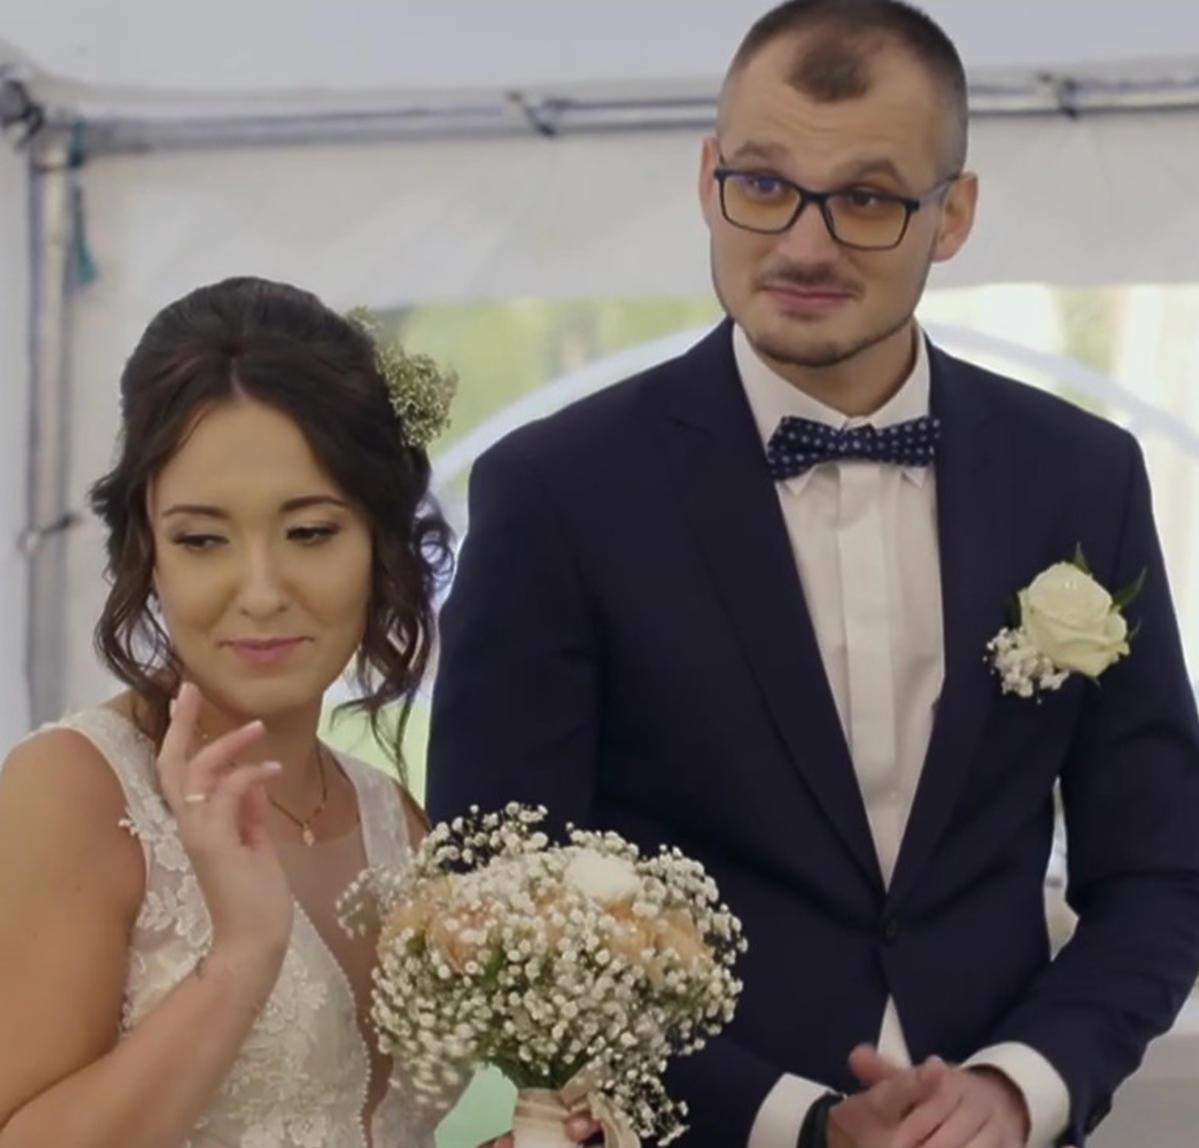 Laura i Maciej na weselu.